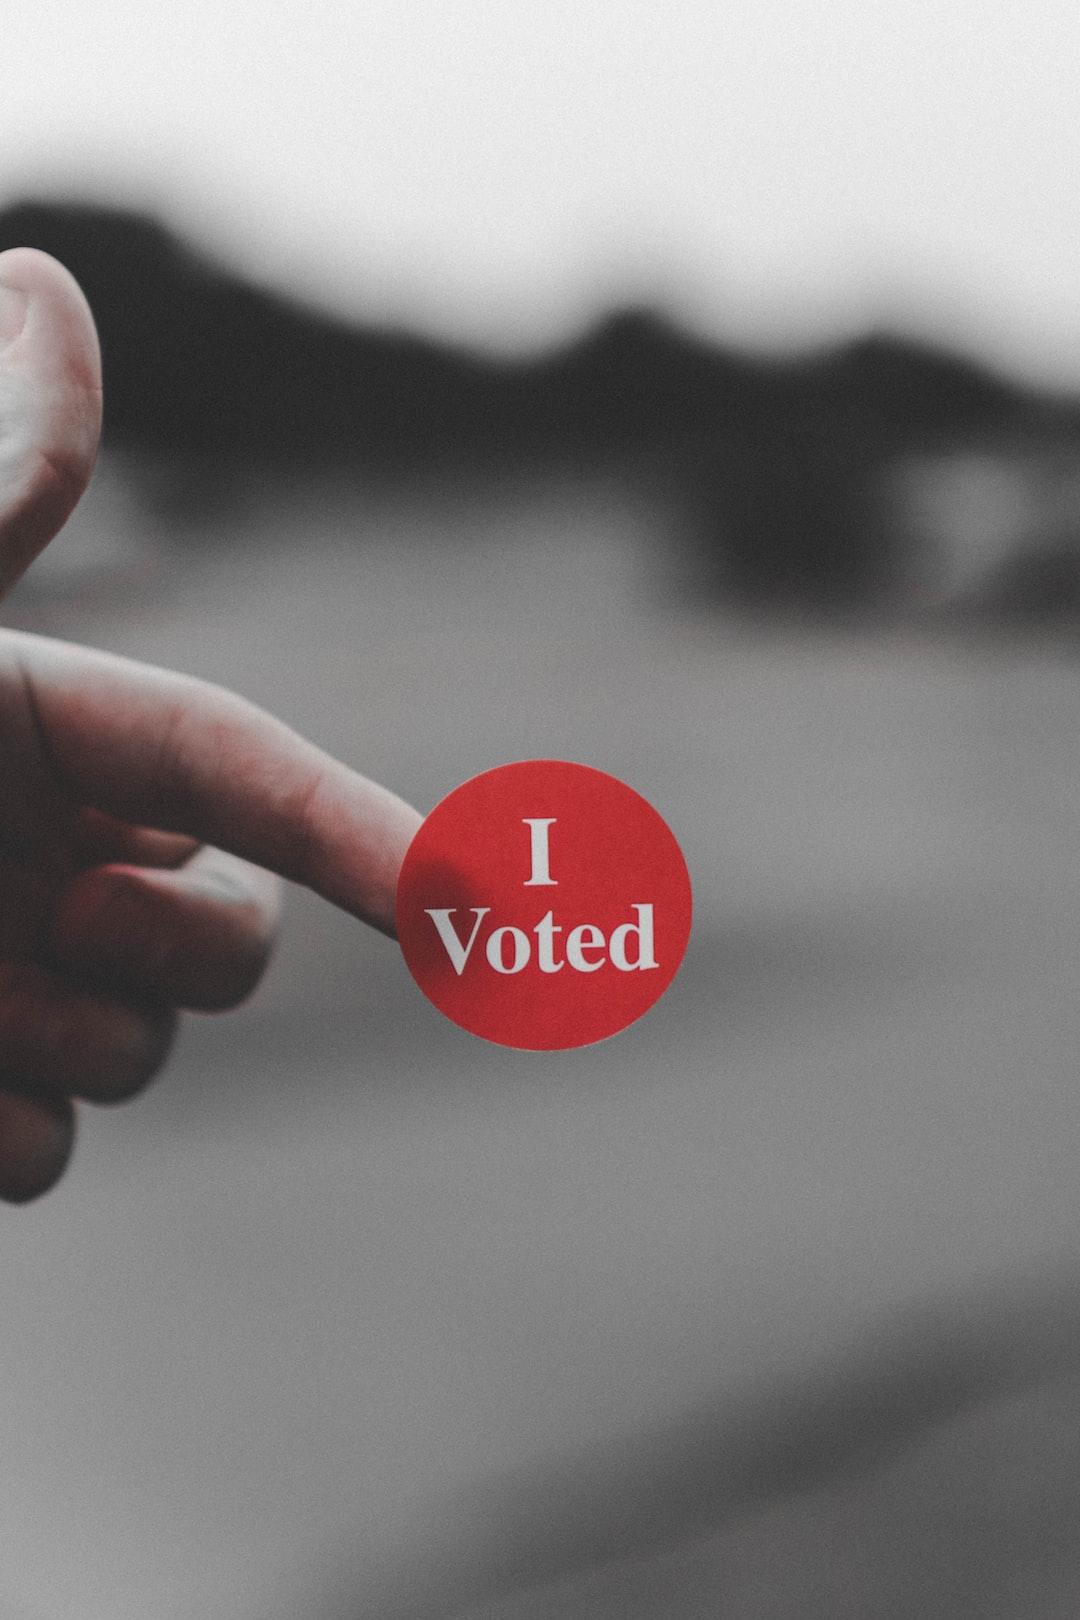 AD: Vote!